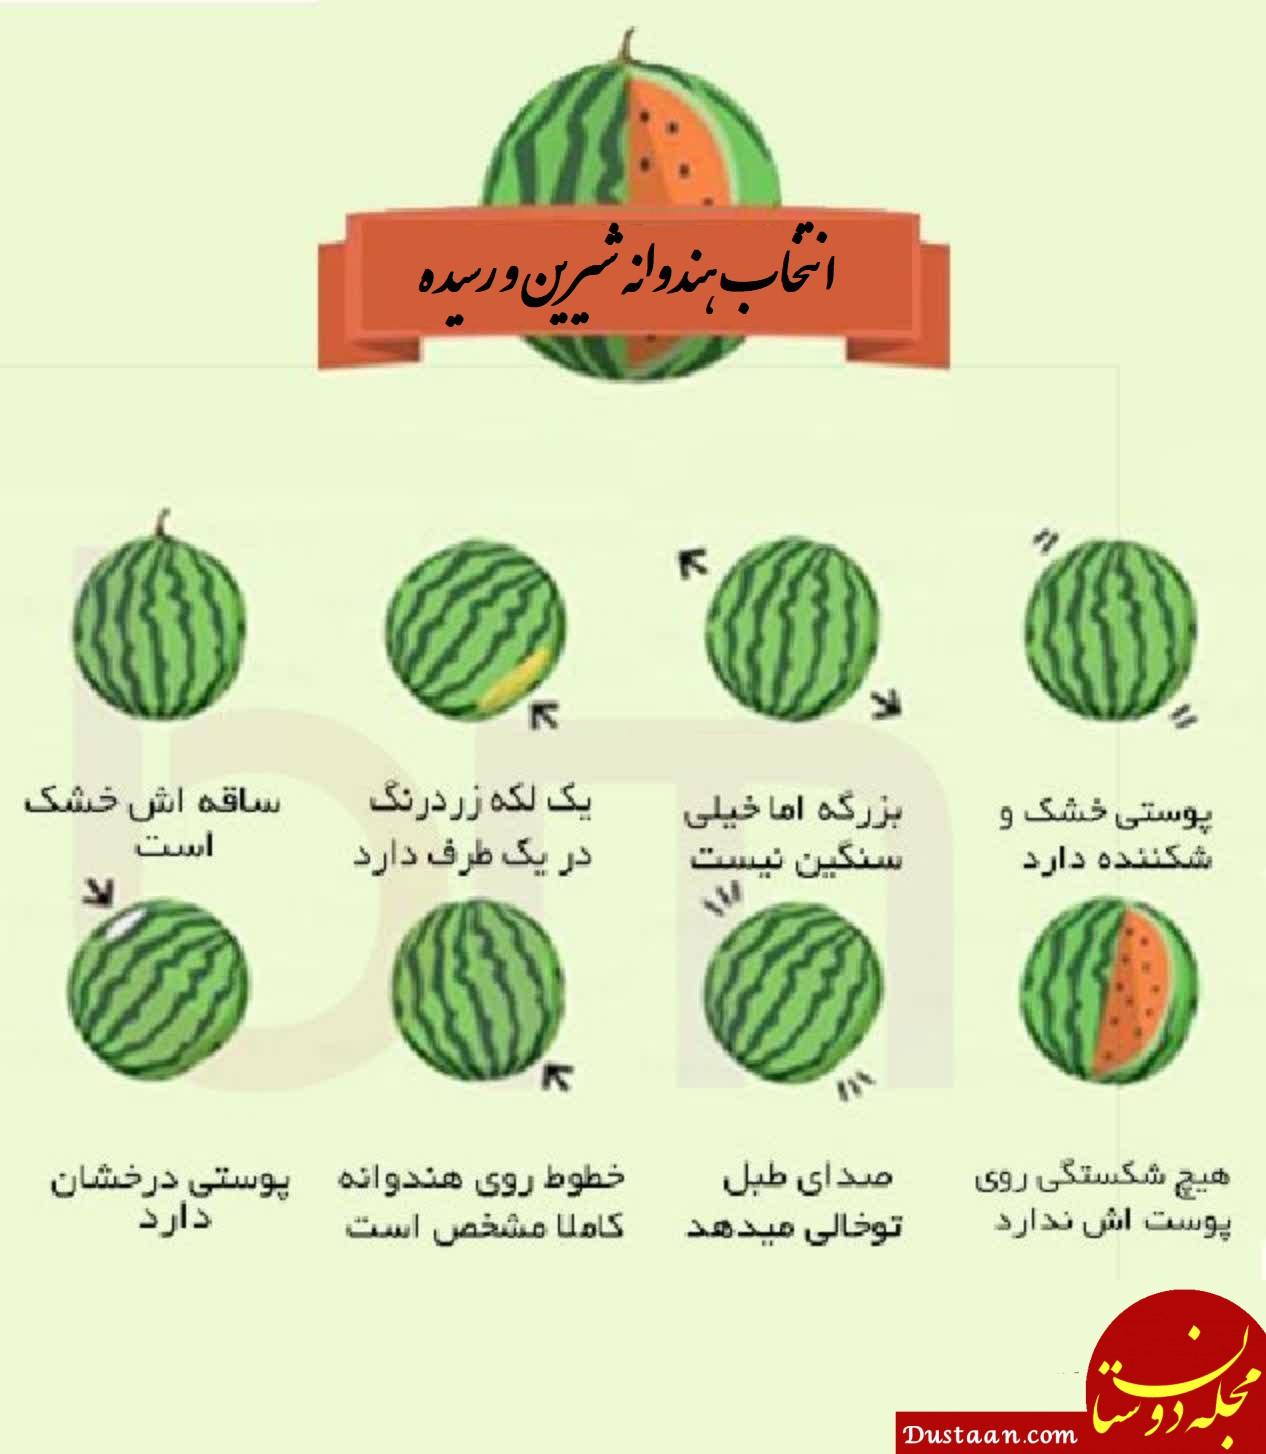 www.dustaan.com هندوانه خوب و شیرین را چگونه تشخیص دهیم